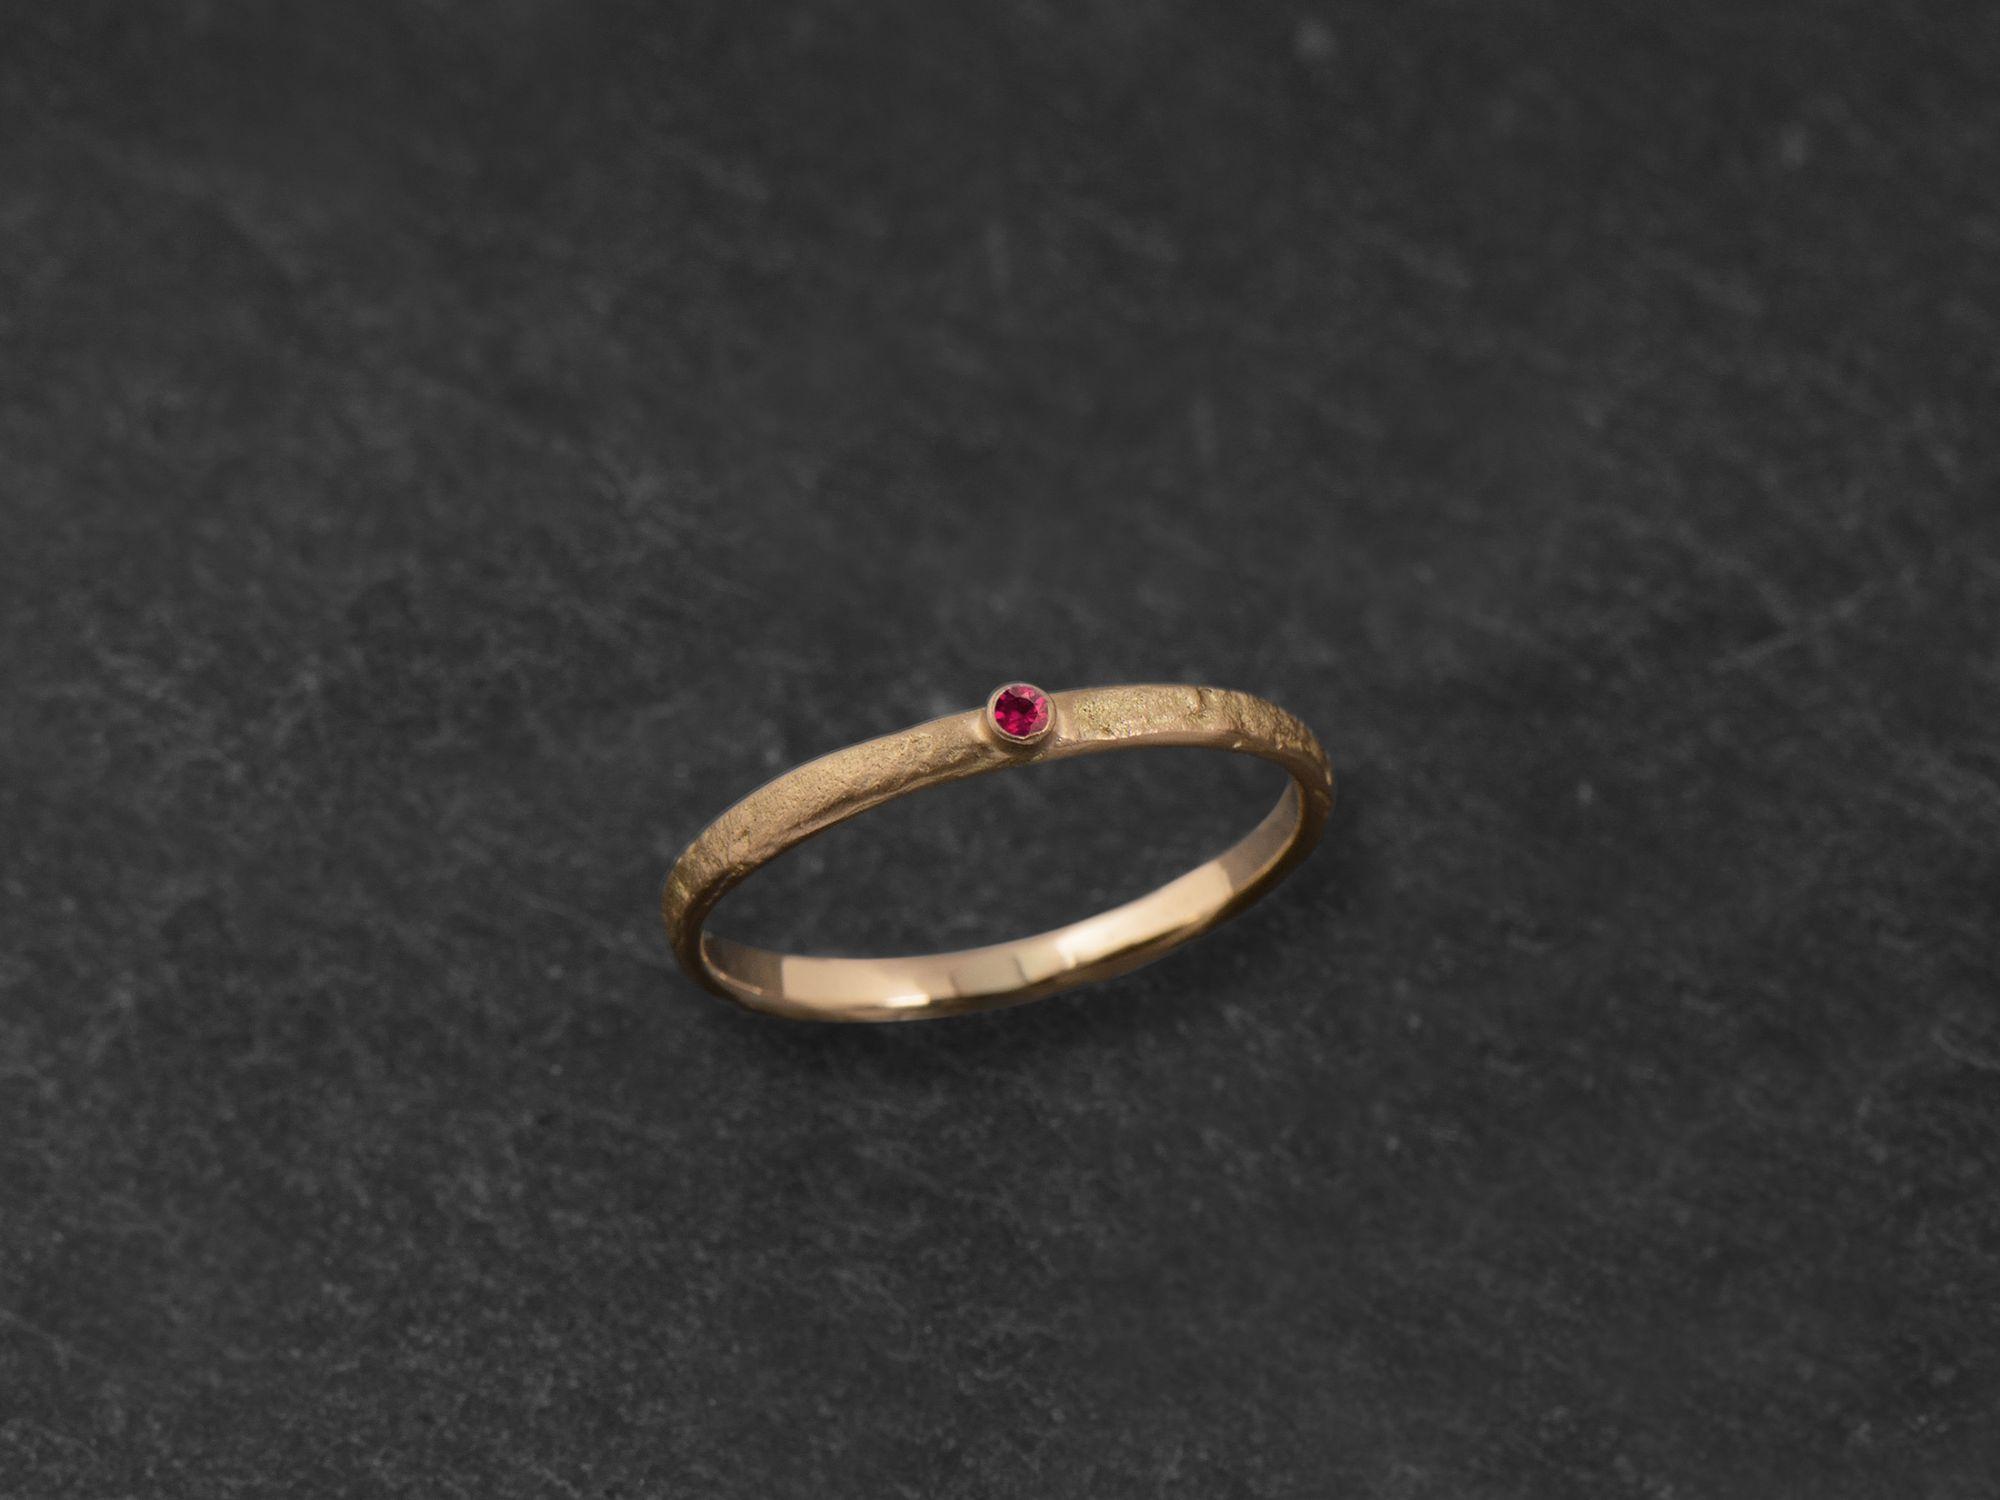 Bague Mon Chéri martelé pierre or jaune rubis par Emmanuelle Zysman